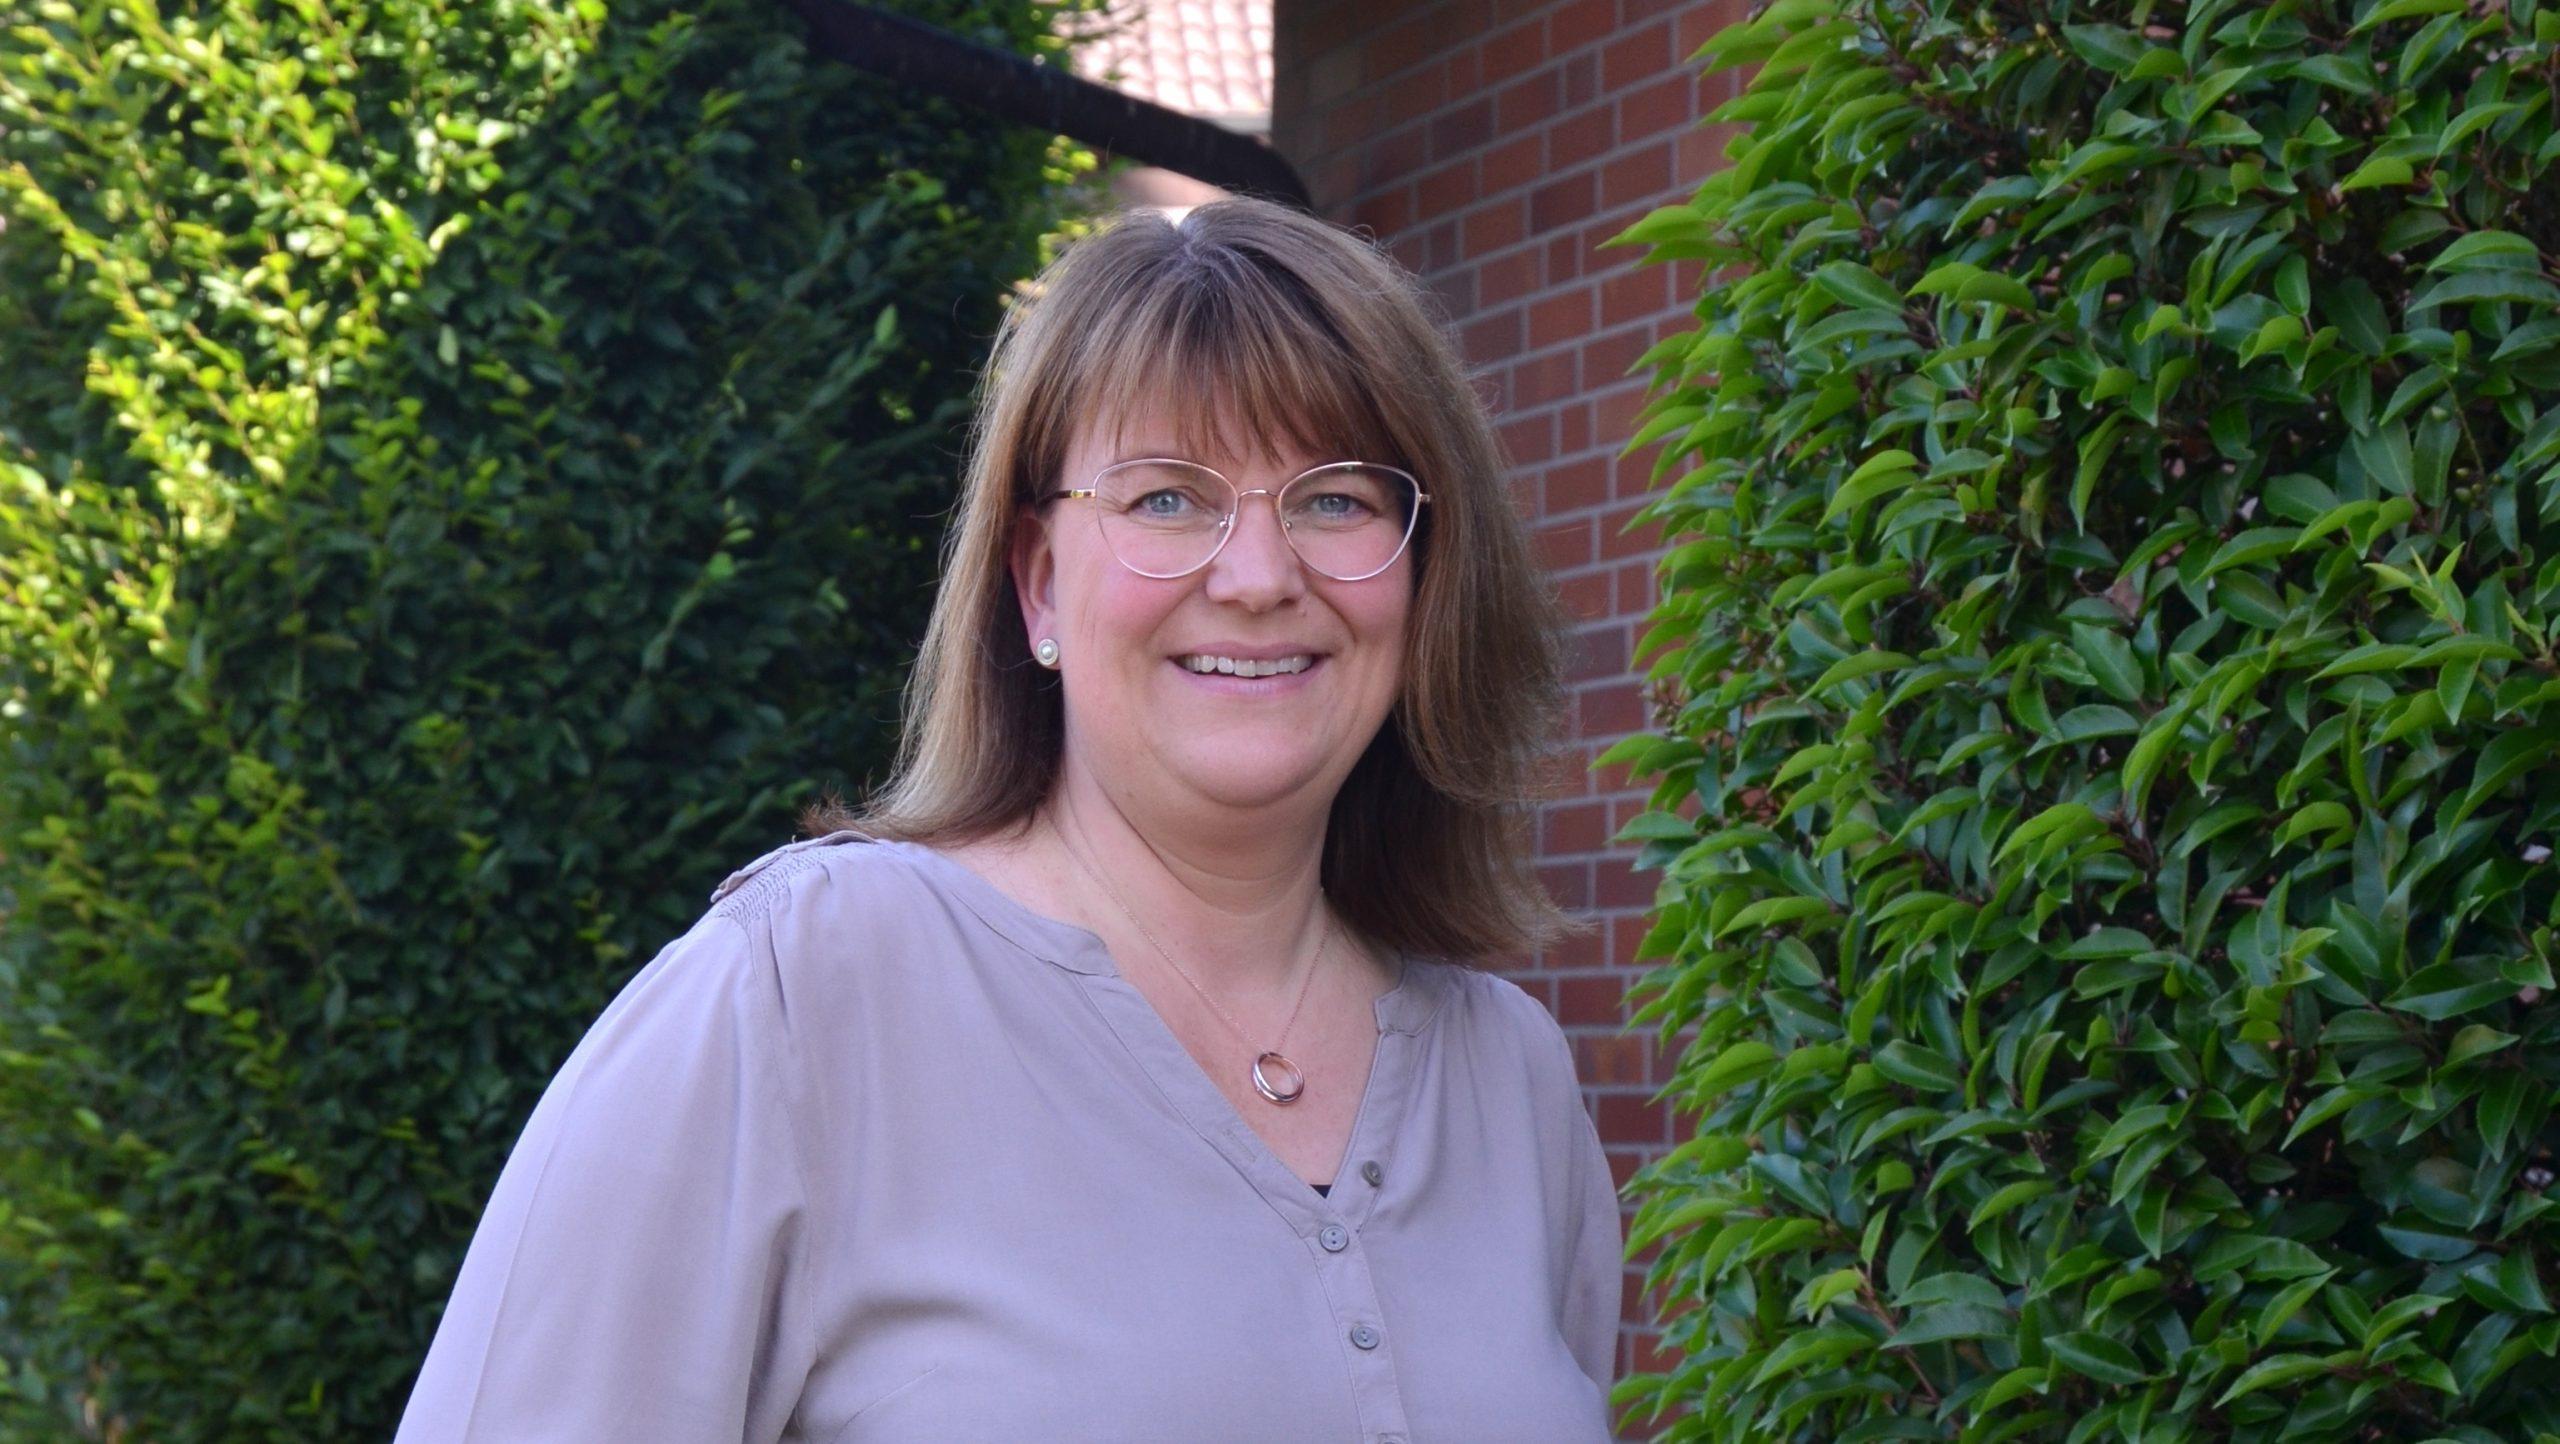 Nicole Wehry